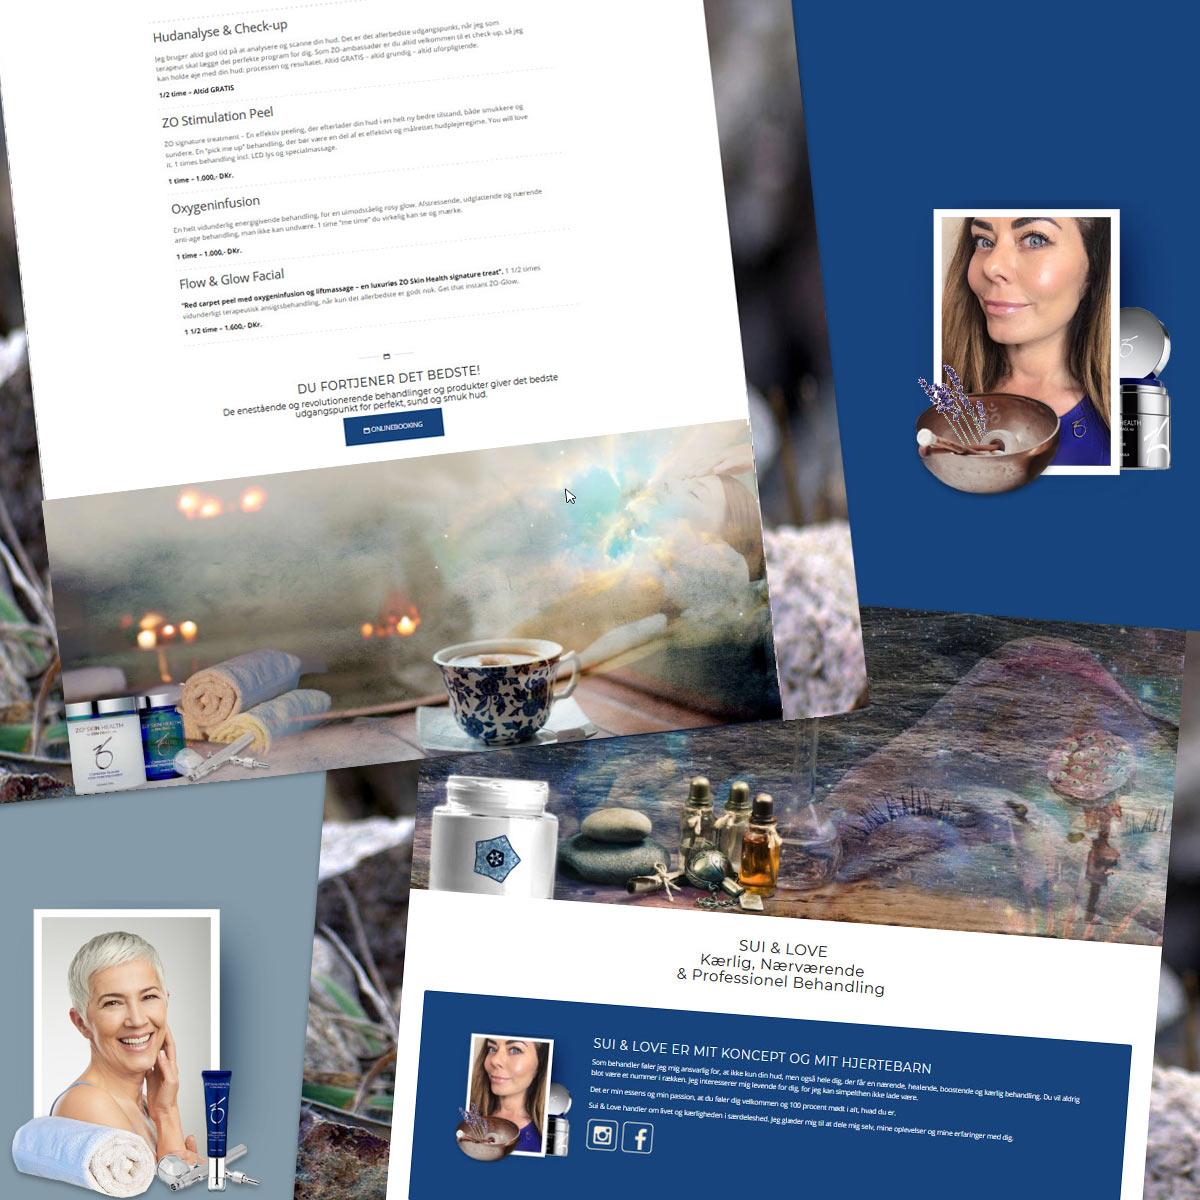 Hudplejebehandling ny hjemmesidesider fra KlinikSui.dk